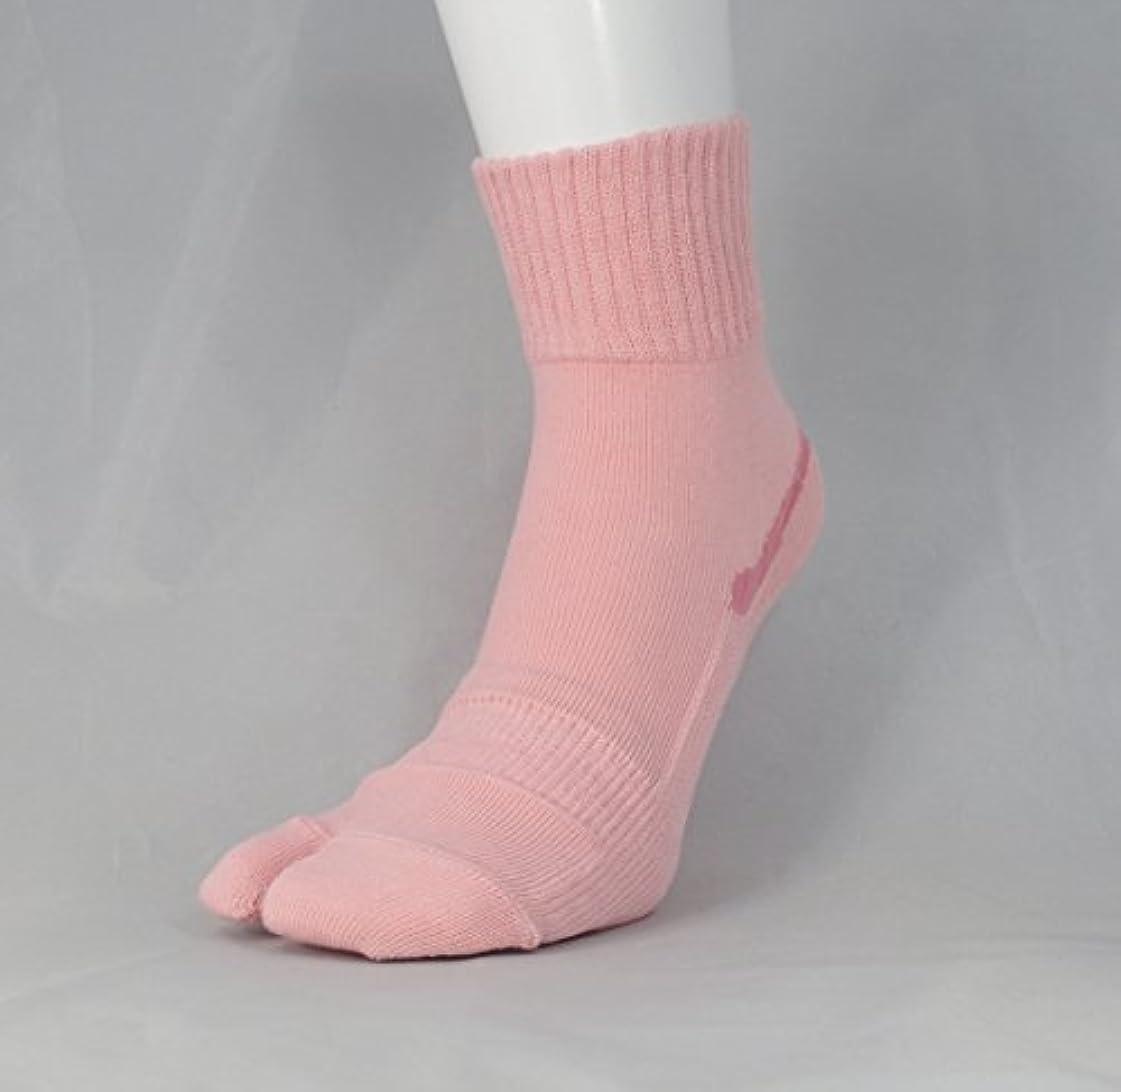 内陸北東素晴らしいです【あしサポ】履くだけで足がラクにひらく靴下 外反母趾に (Sサイズ(21-22センチ), ピンク)